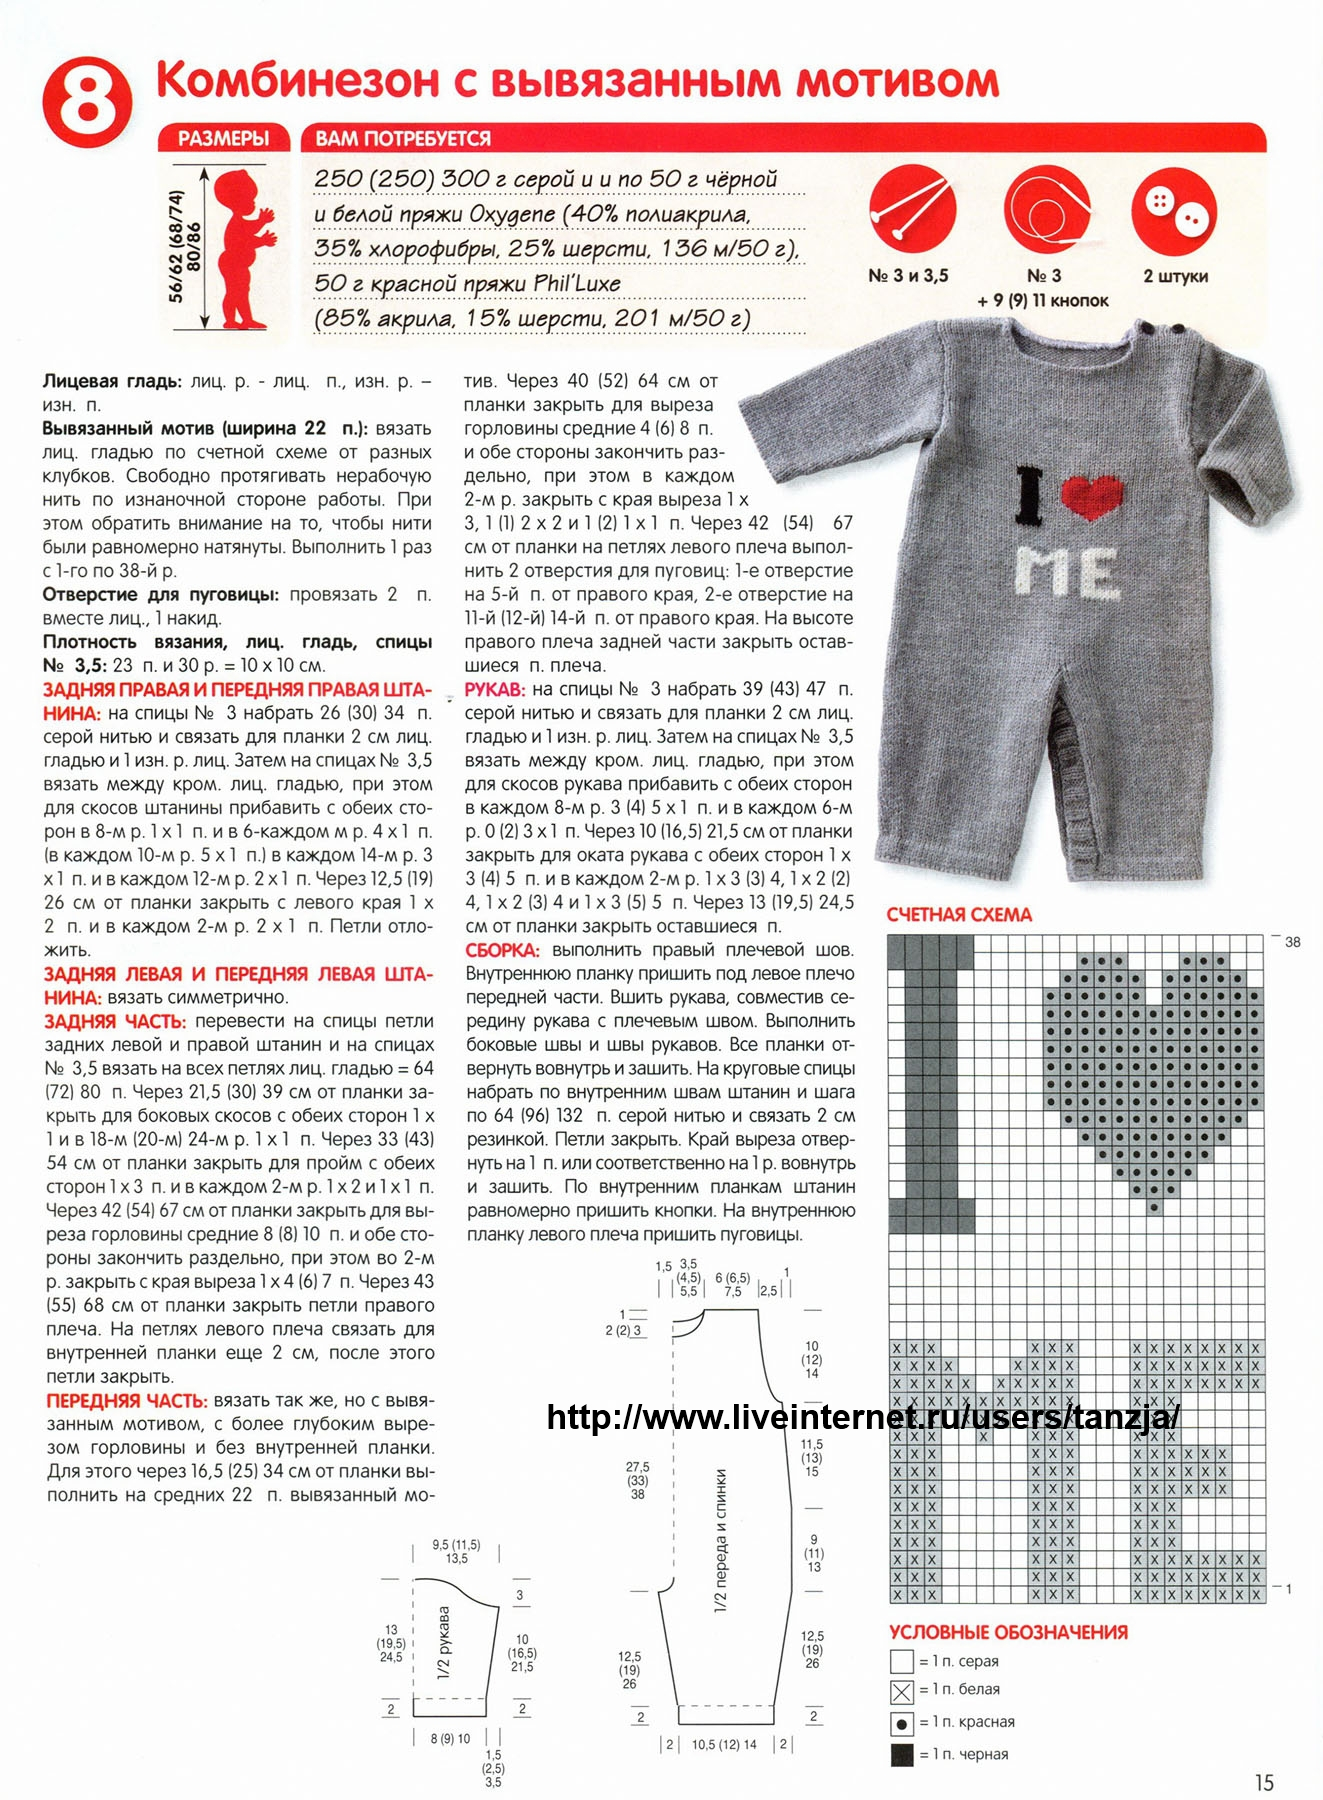 Вязание комбинезона от 0 до 3 лет